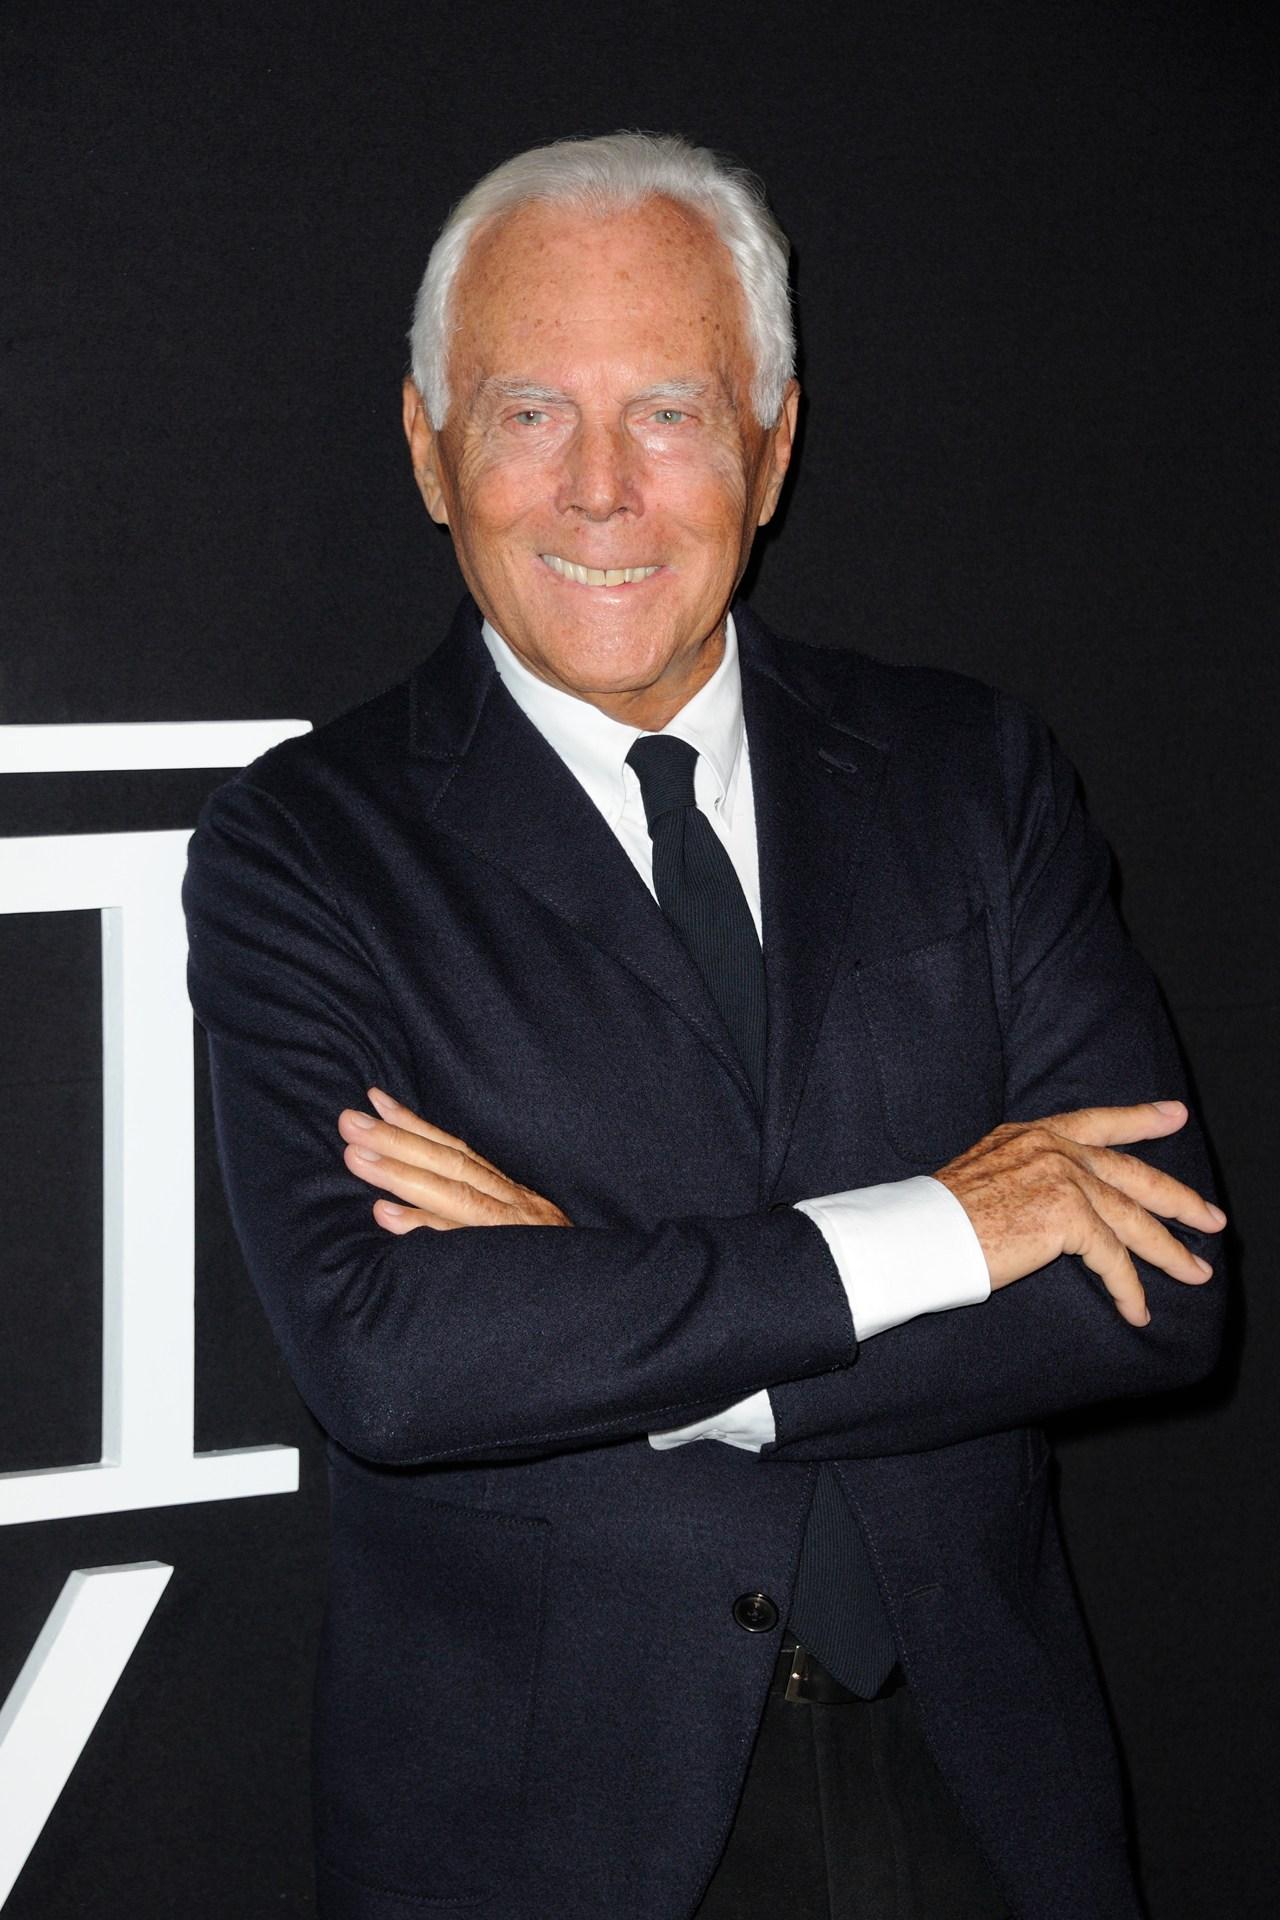 Giorgio Armani Джорджо Армані 70c386a6b391a